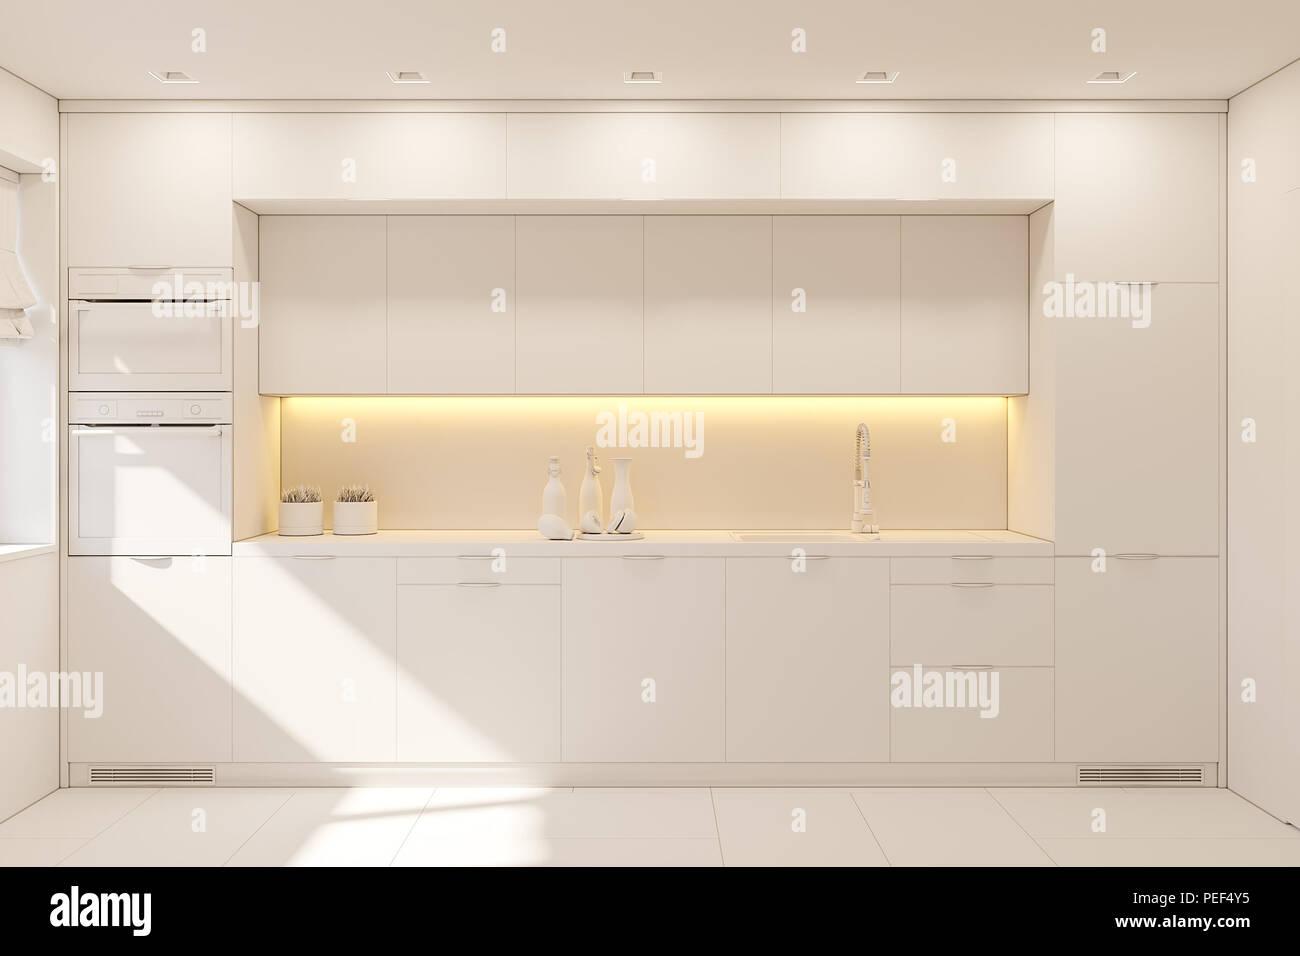 Arredamento Stile Nordico Moderno.Cucina Arredamento Di Colore Bianco Studio Moderno Appartamento